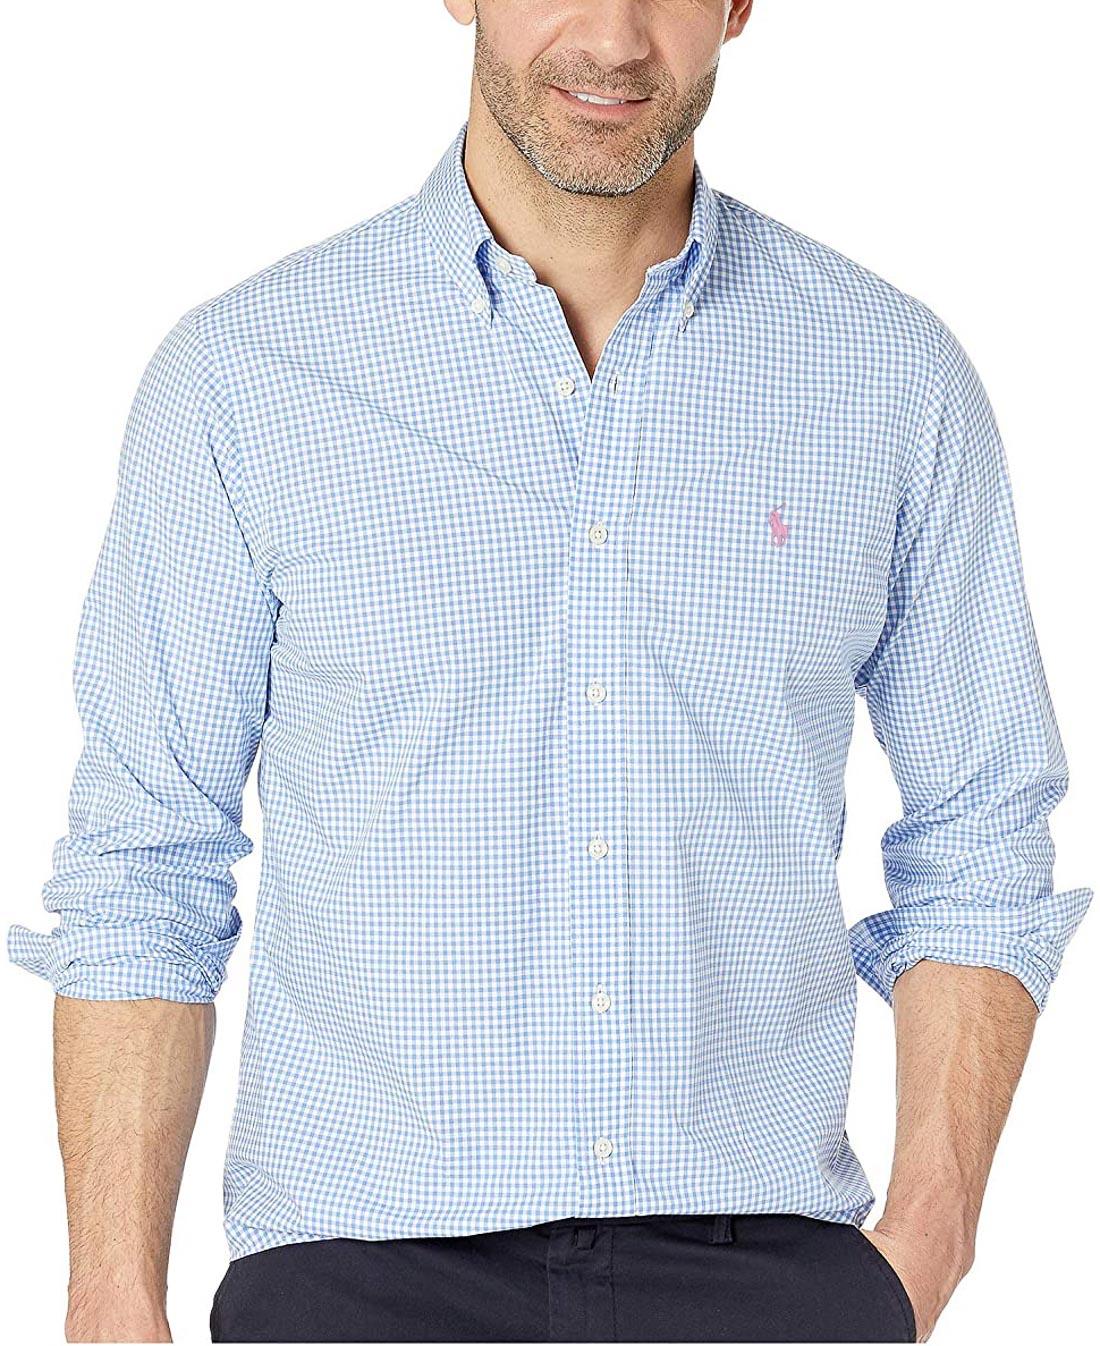 Camisa Ralph Lauren Masculina Slim Fit Poplin Quadriculada Azul Claro